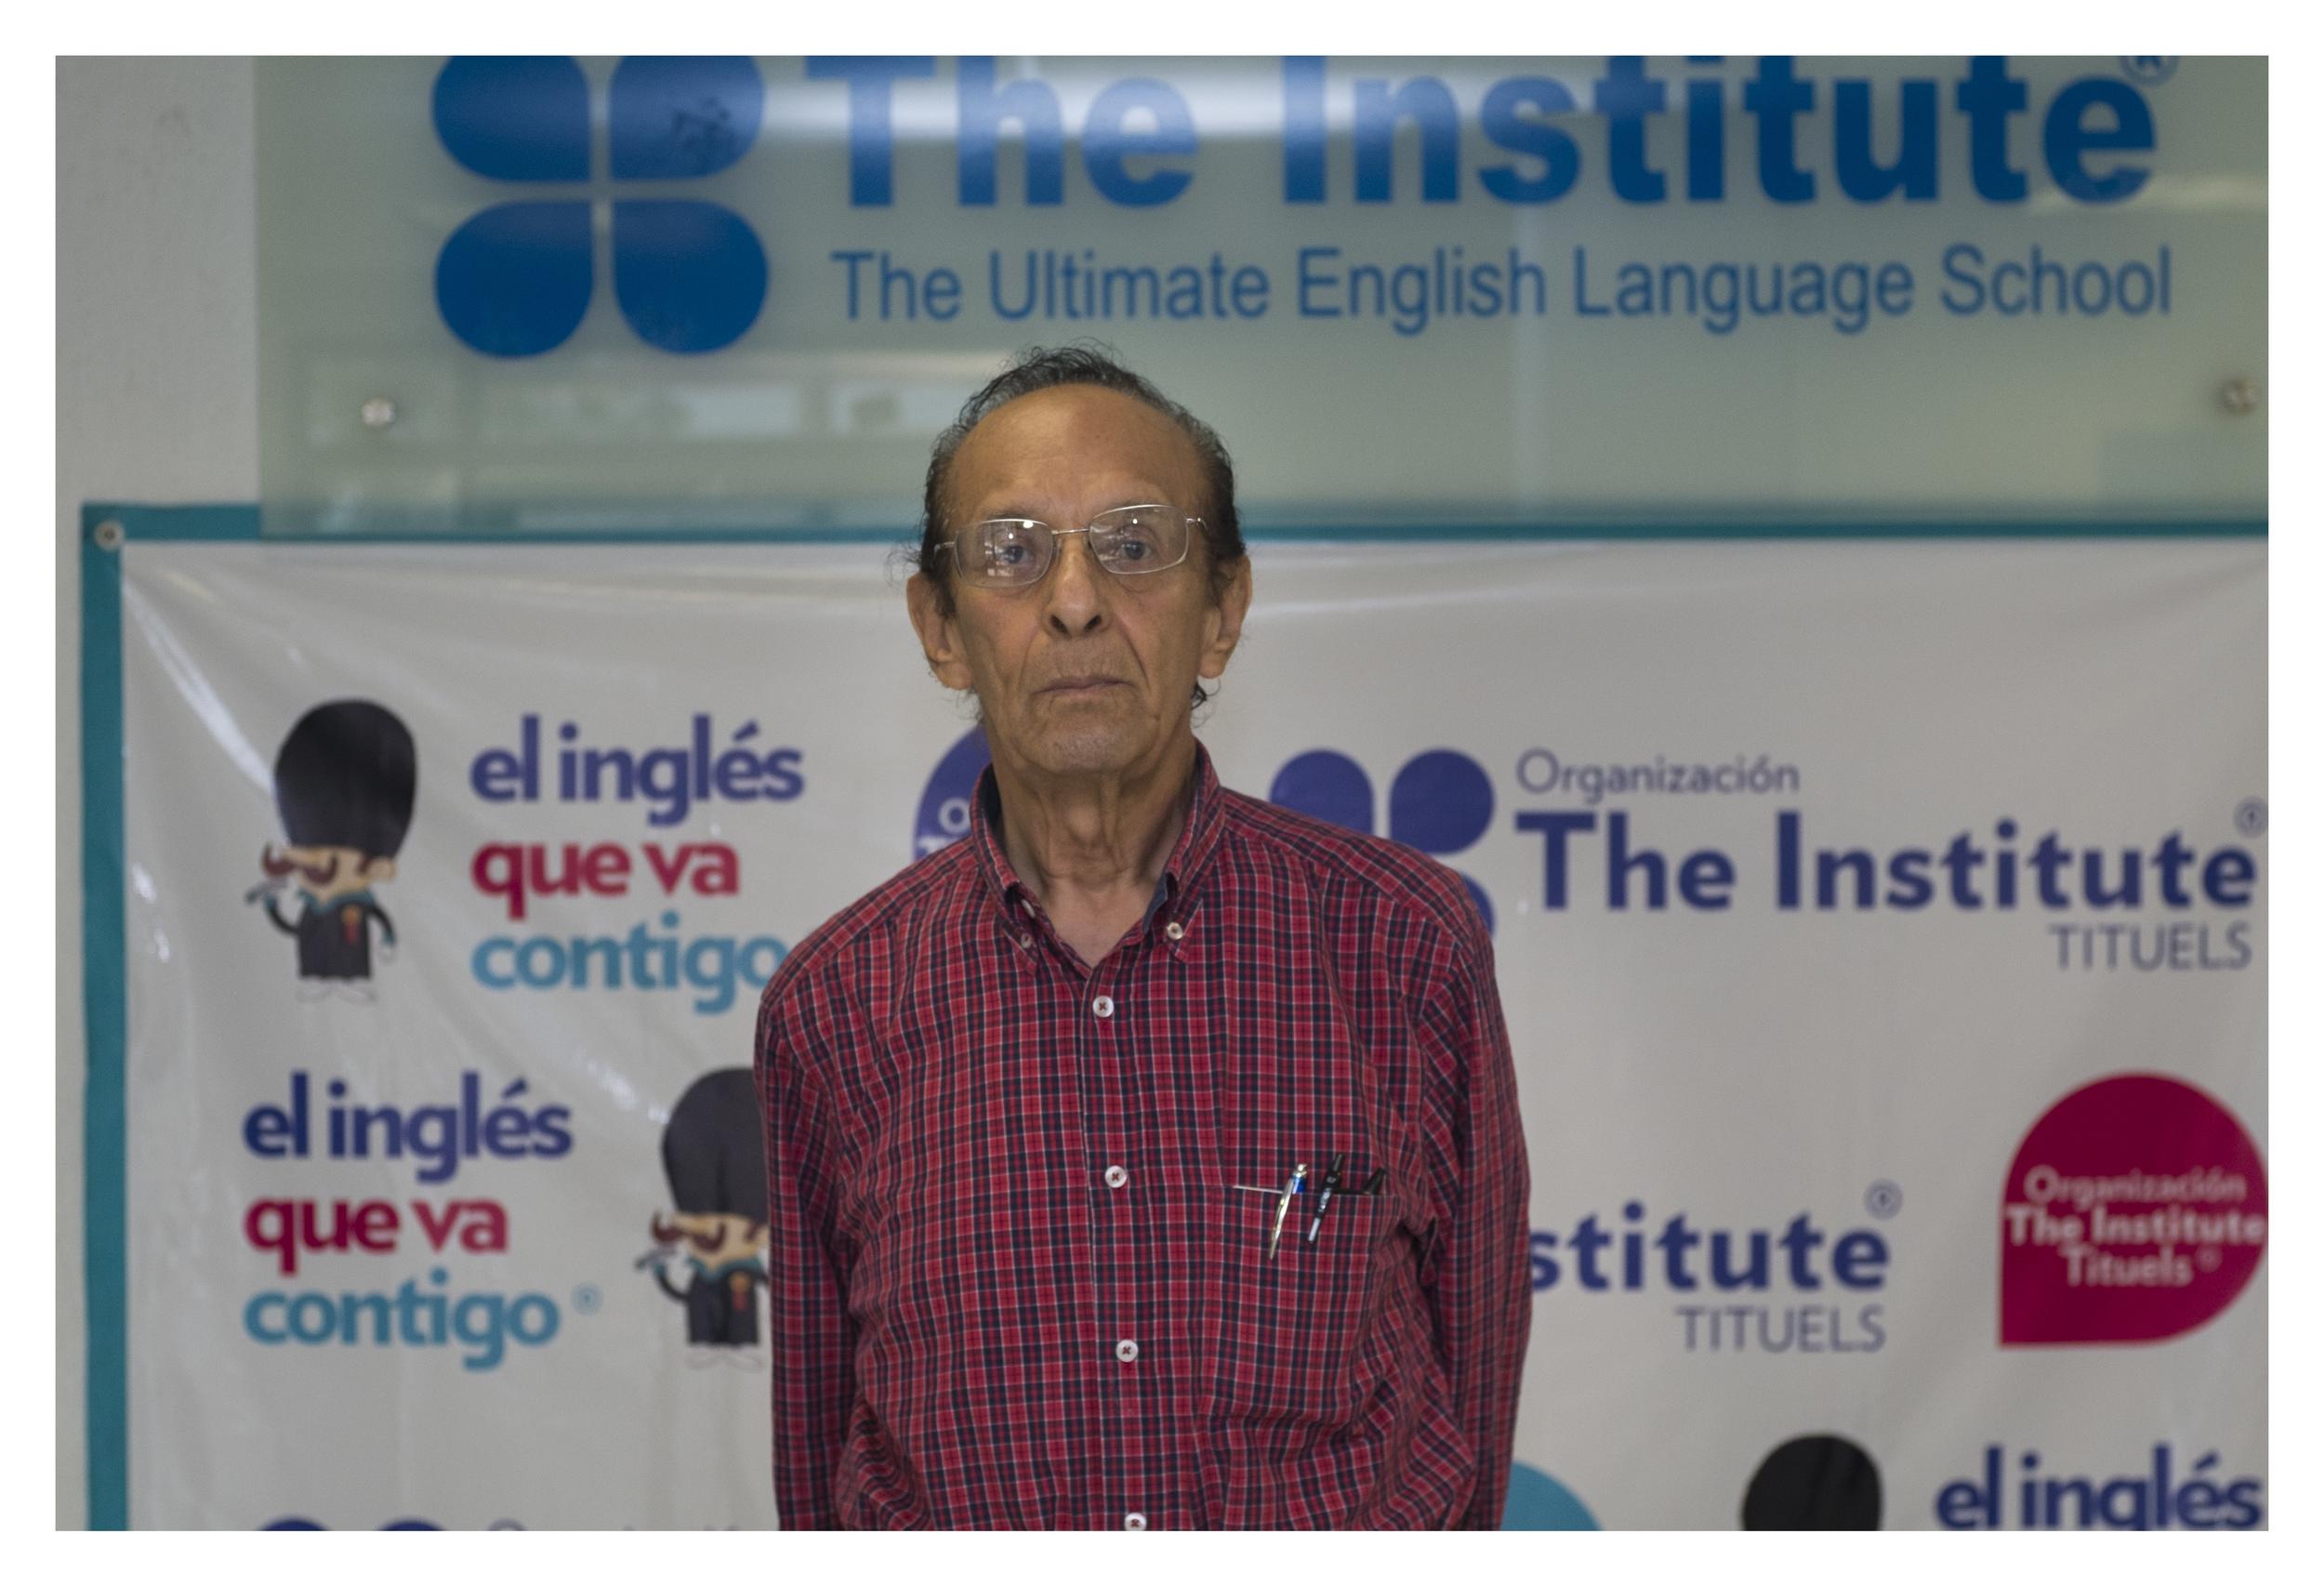 """""""La vida es de relaciones, si la barrera de un idioma es abatida, mi vida cambia"""" - Don Ramón Valencia Cornejo, un alumno ejemplar."""